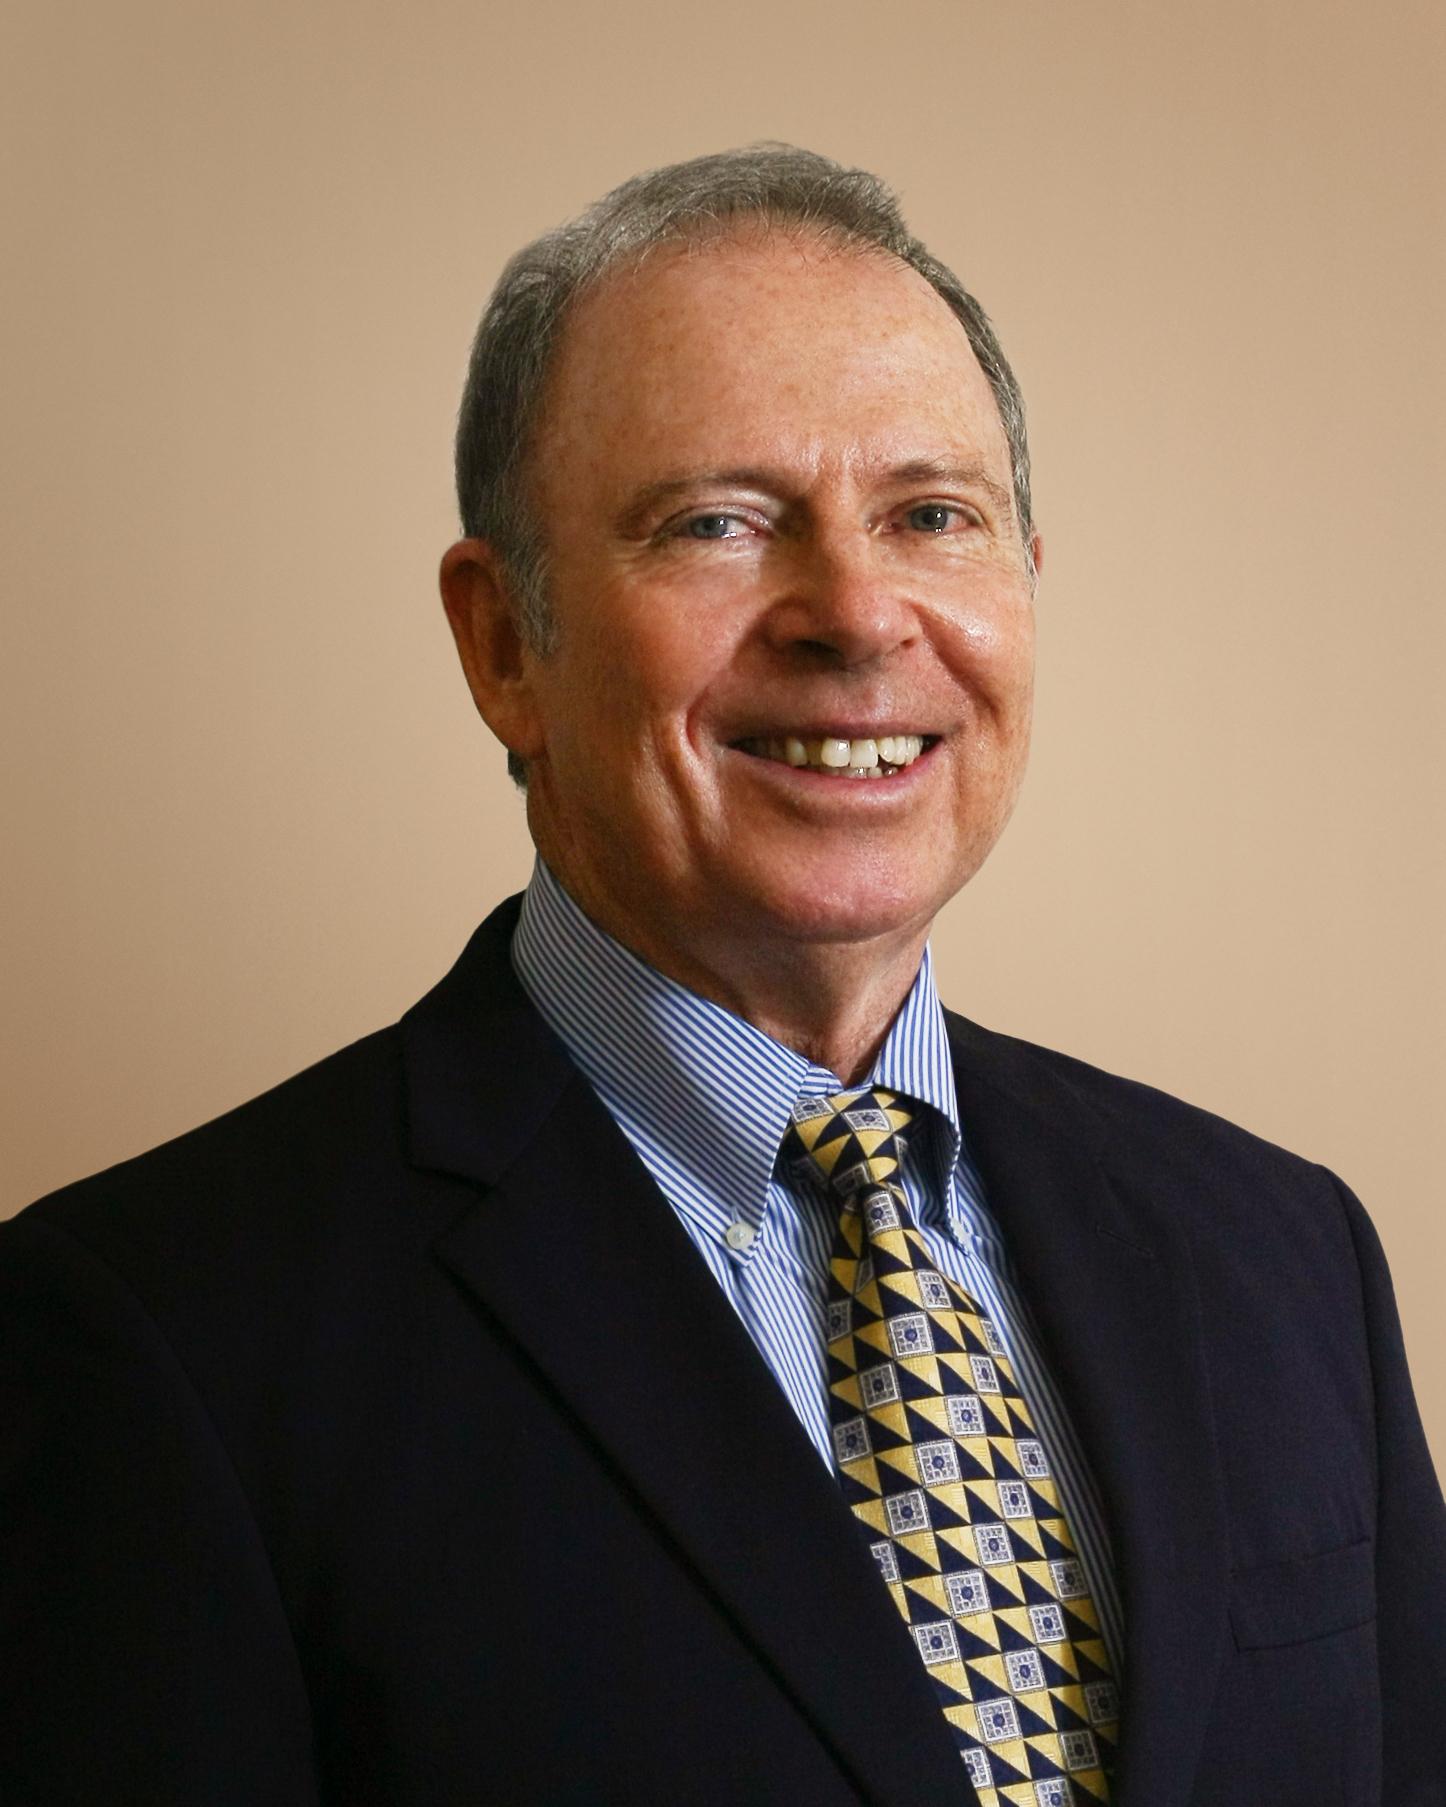 Beacon Financial Richard O'Toole